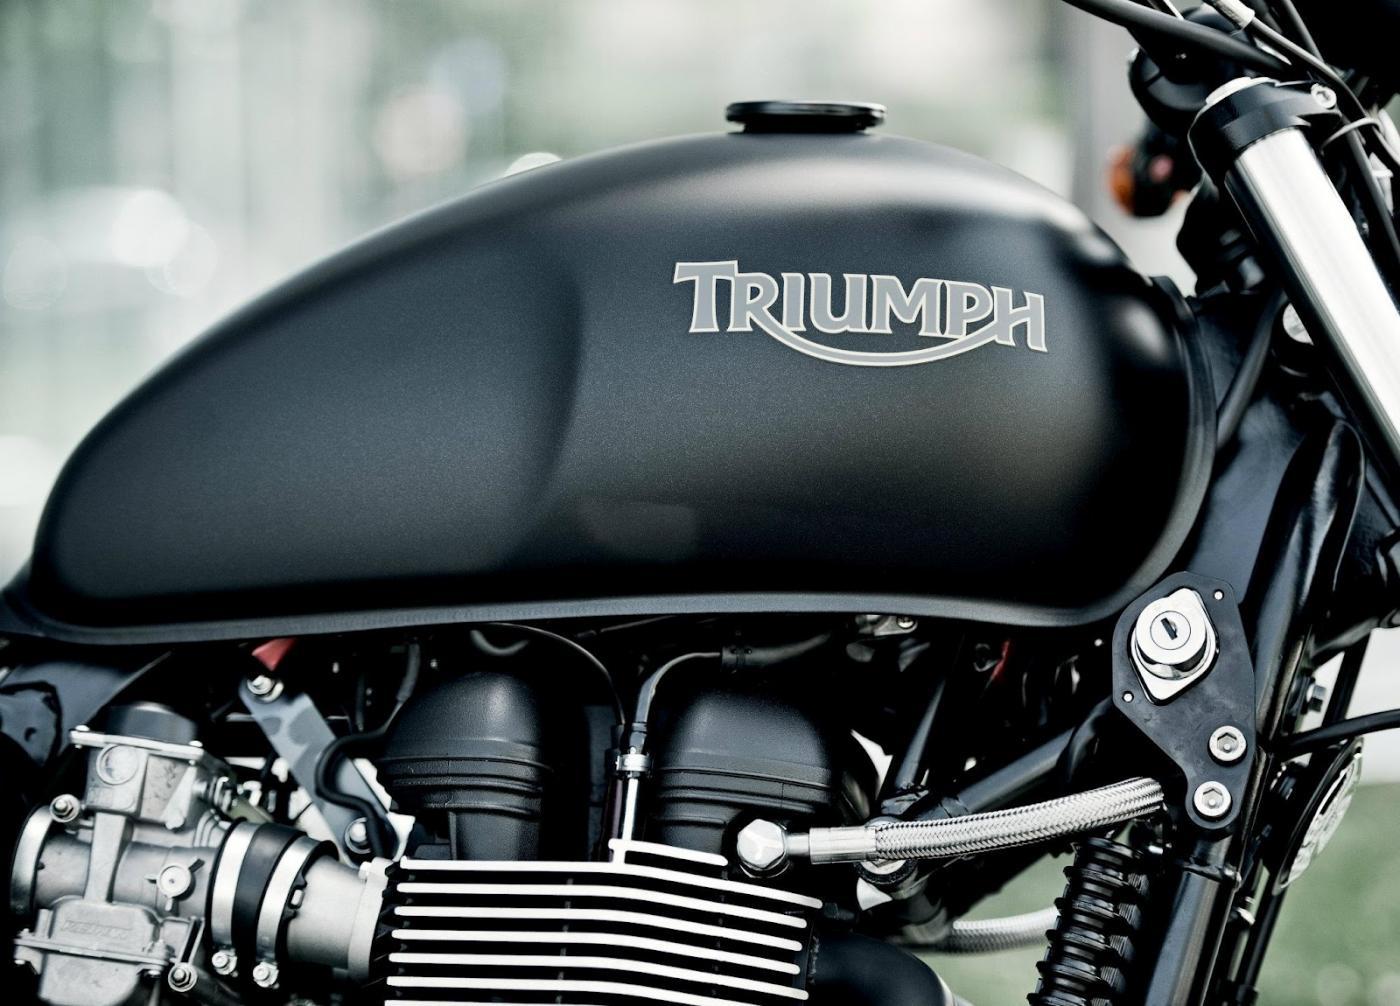 Concessionnaire De Motos Triumph Neuves Ou Doccasion à Nice